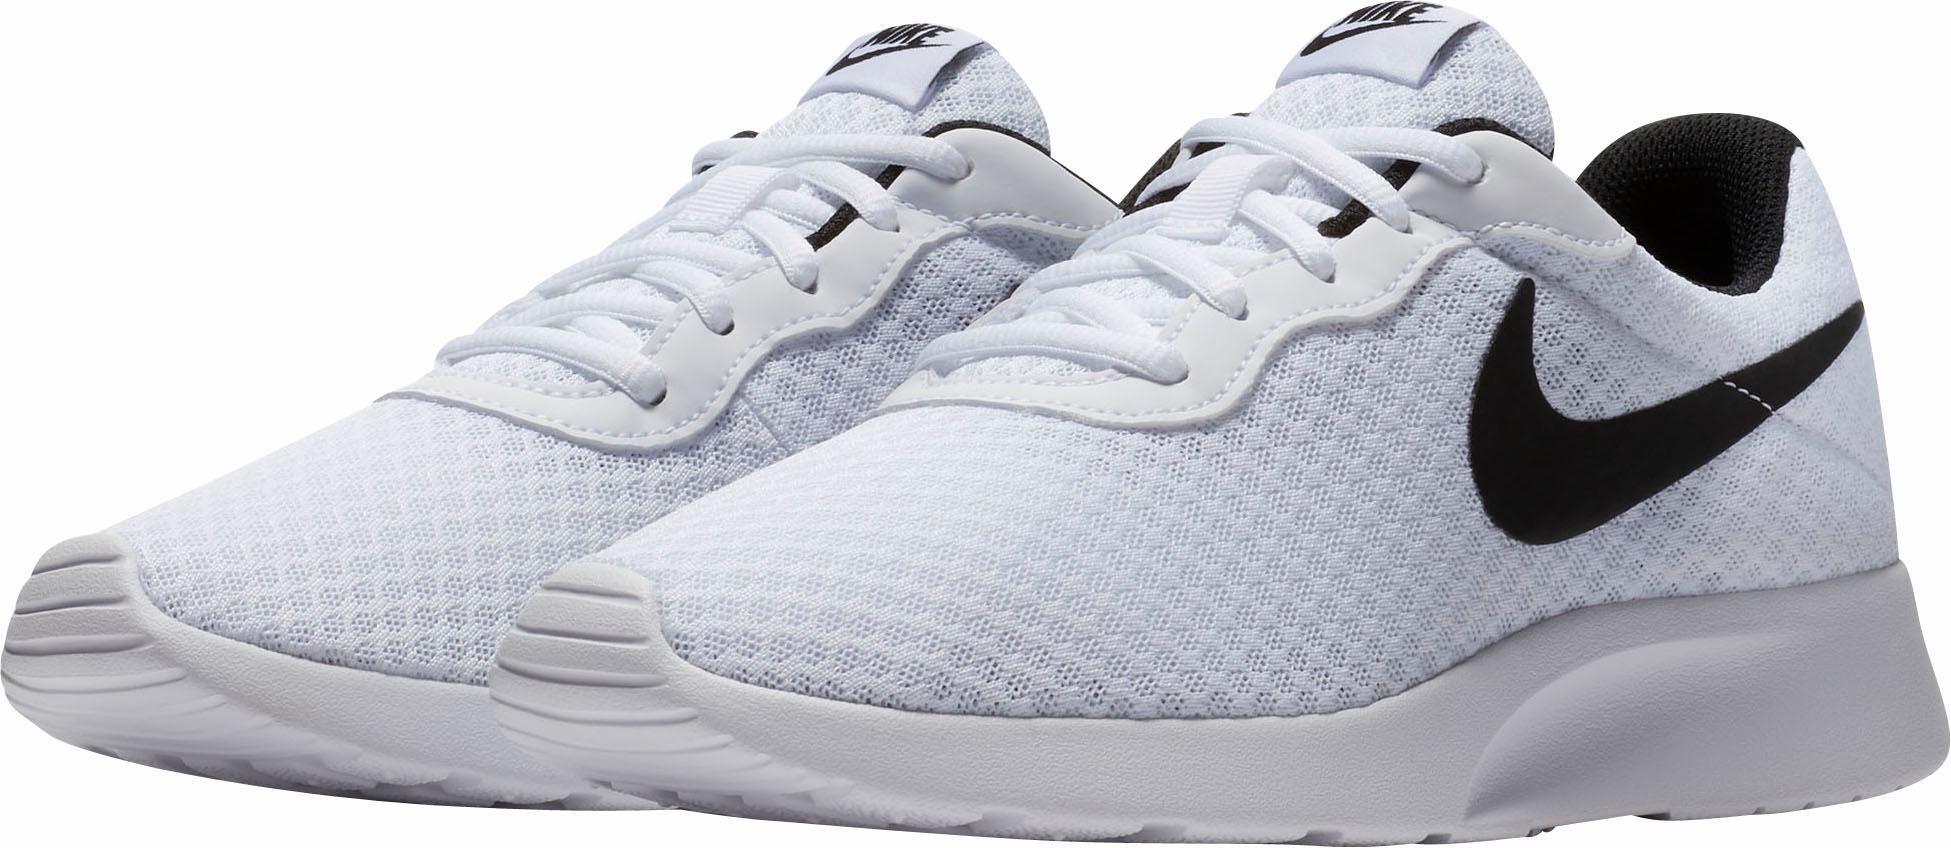 Nike Sportswear Sneaker »Tanjun Wmns«  online kaufen | Gutes Preis-Leistungs-Verhältnis, es lohnt sich